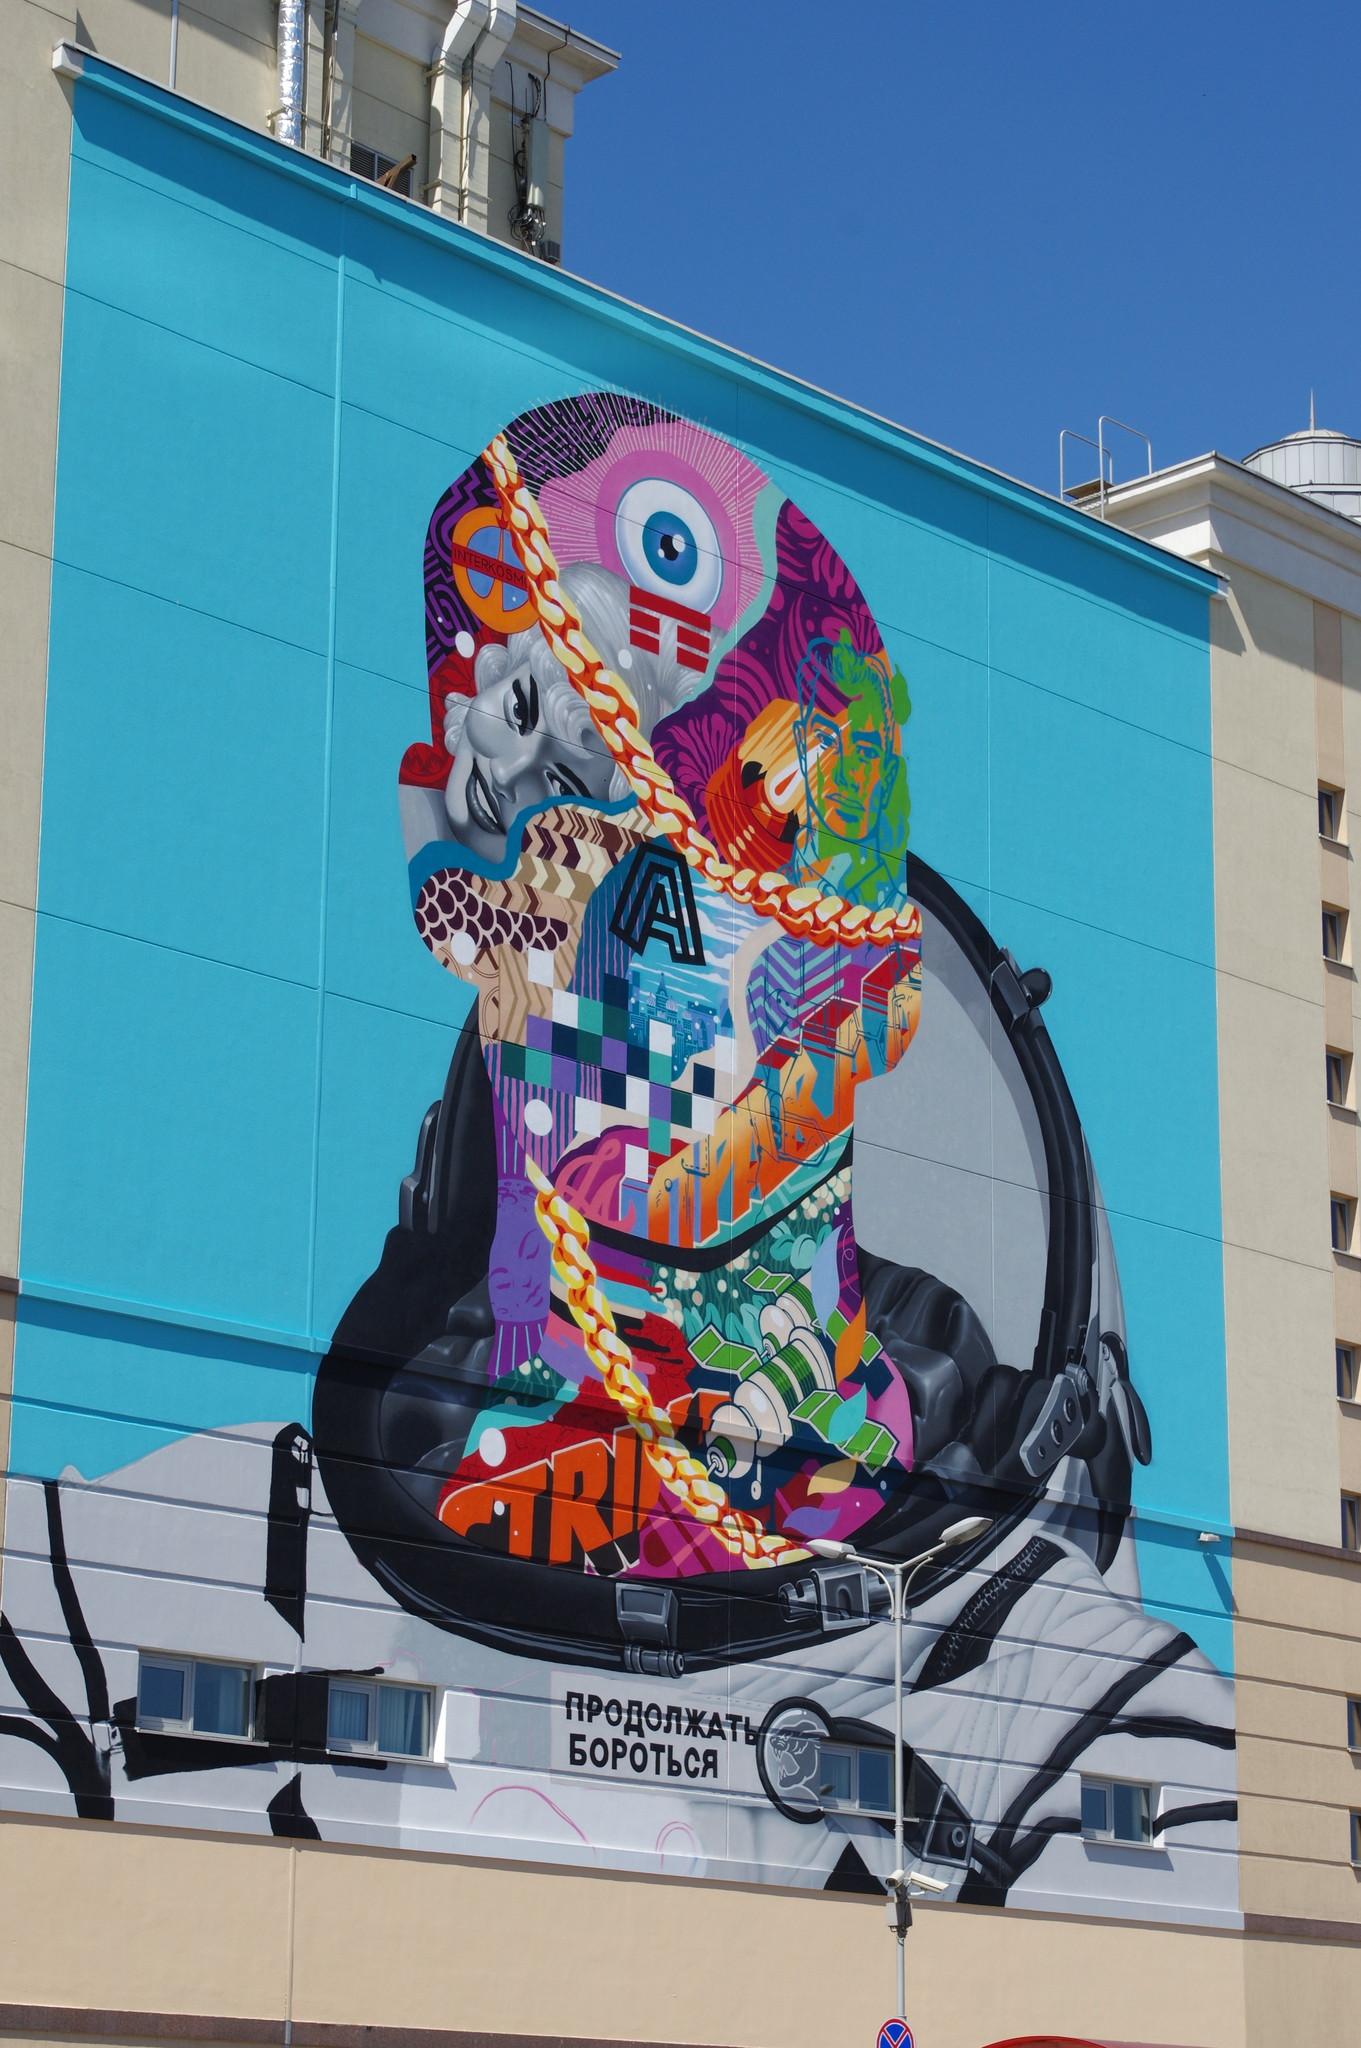 Граффити на стене торгового центра «Атриум» со стороны Курского вокзала. Автор американский уличный художник Тристан Итон